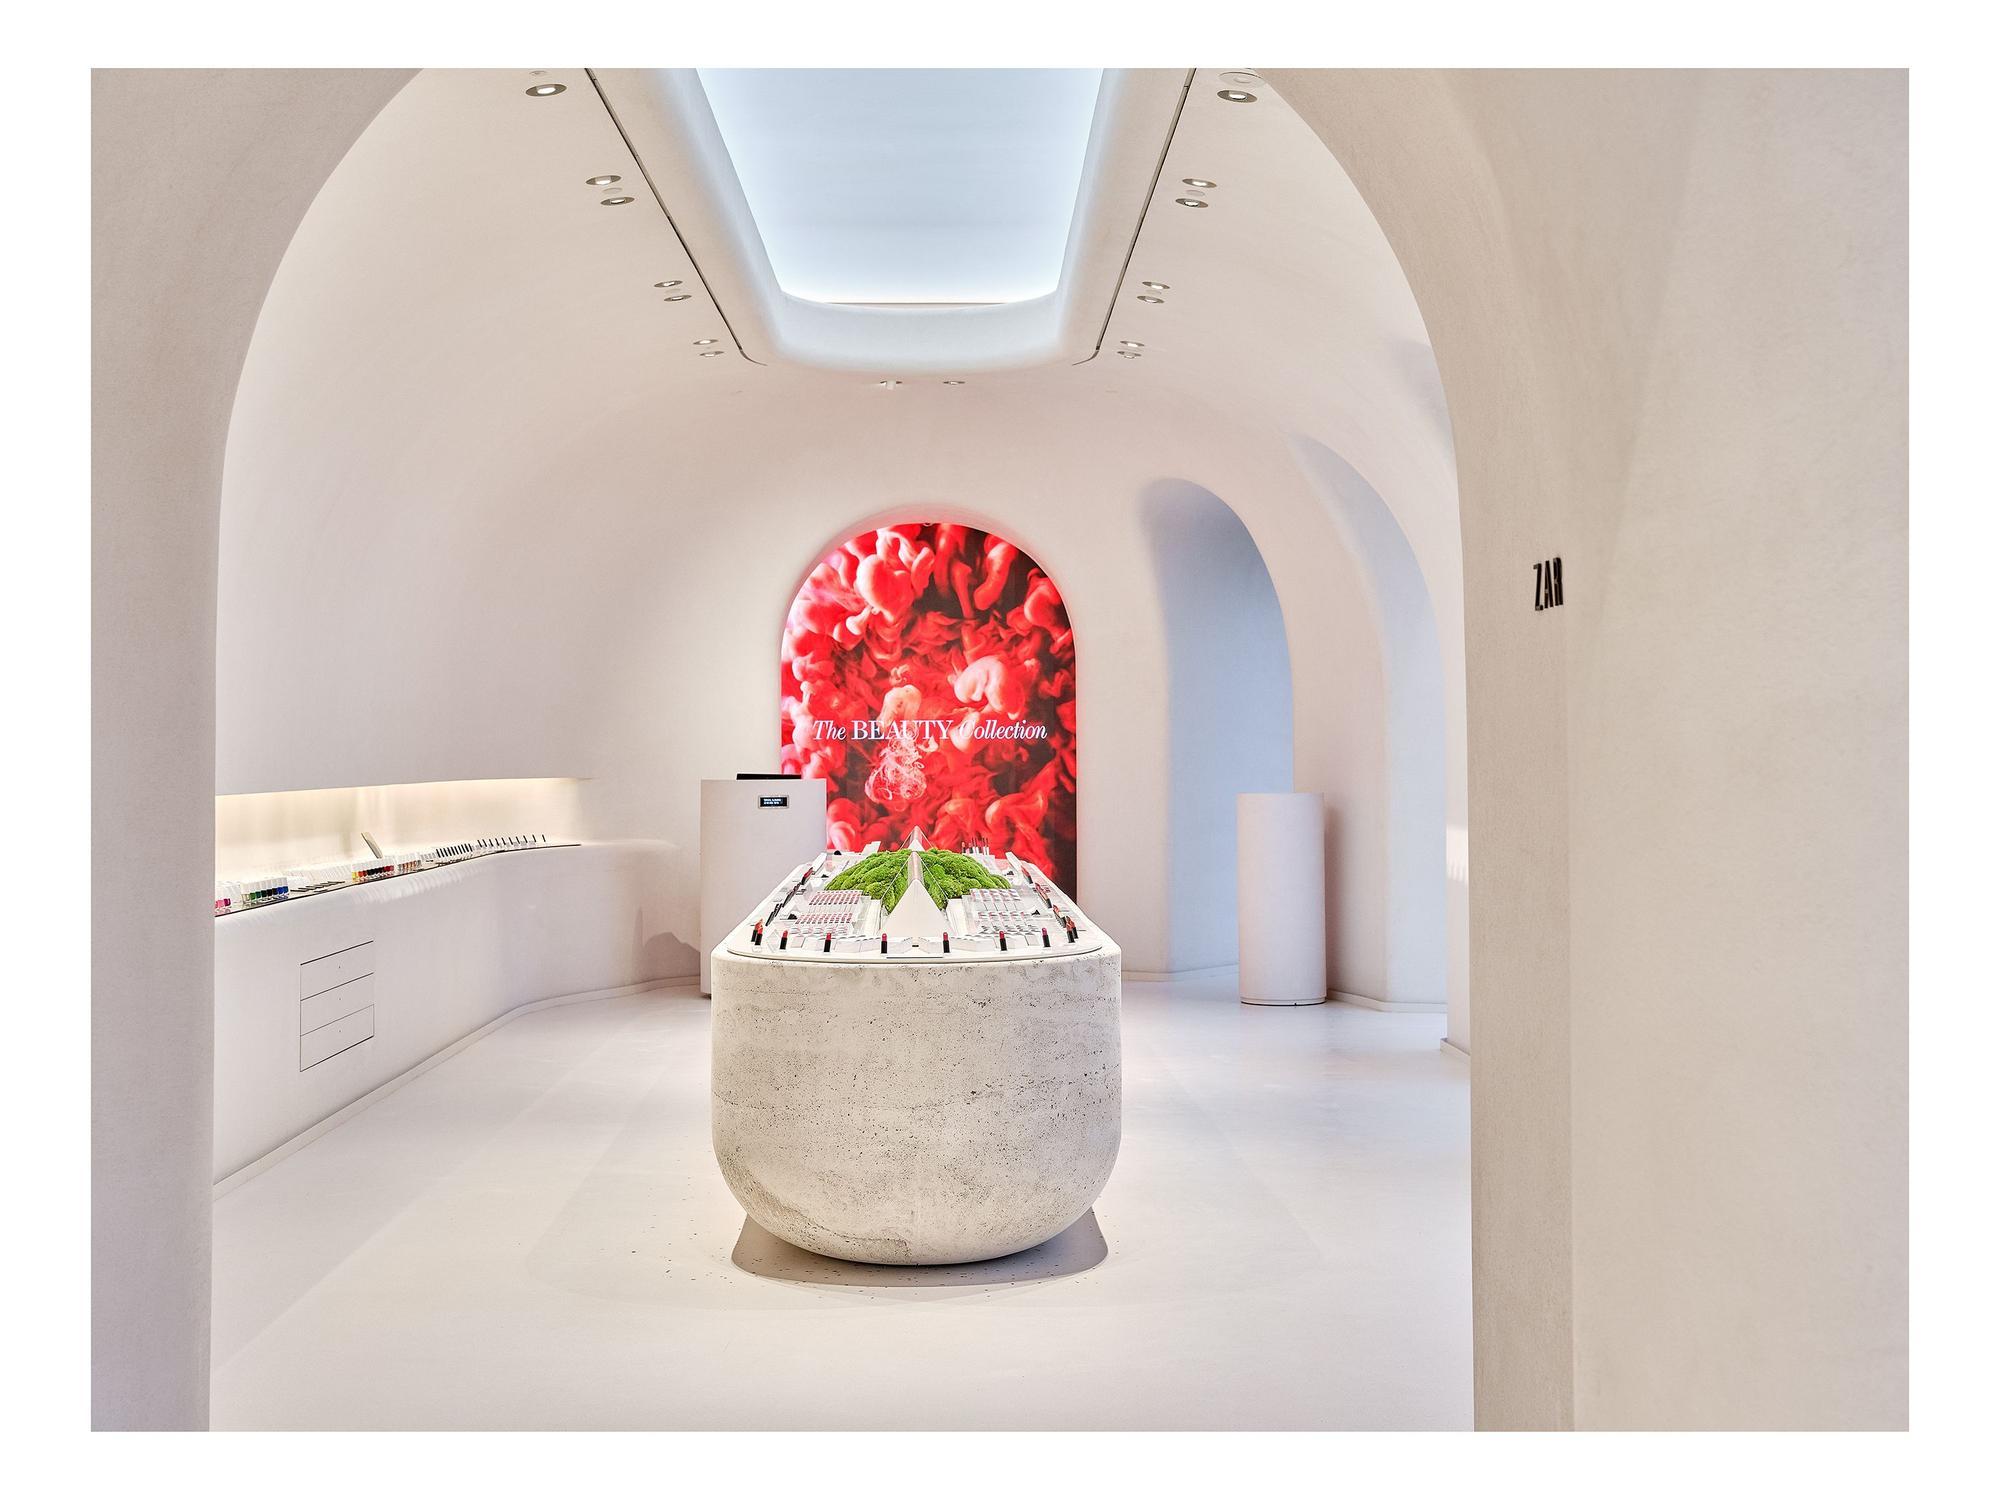 A Coruña abre uno de los únicos cuatro espacios de Zara Beauty en España